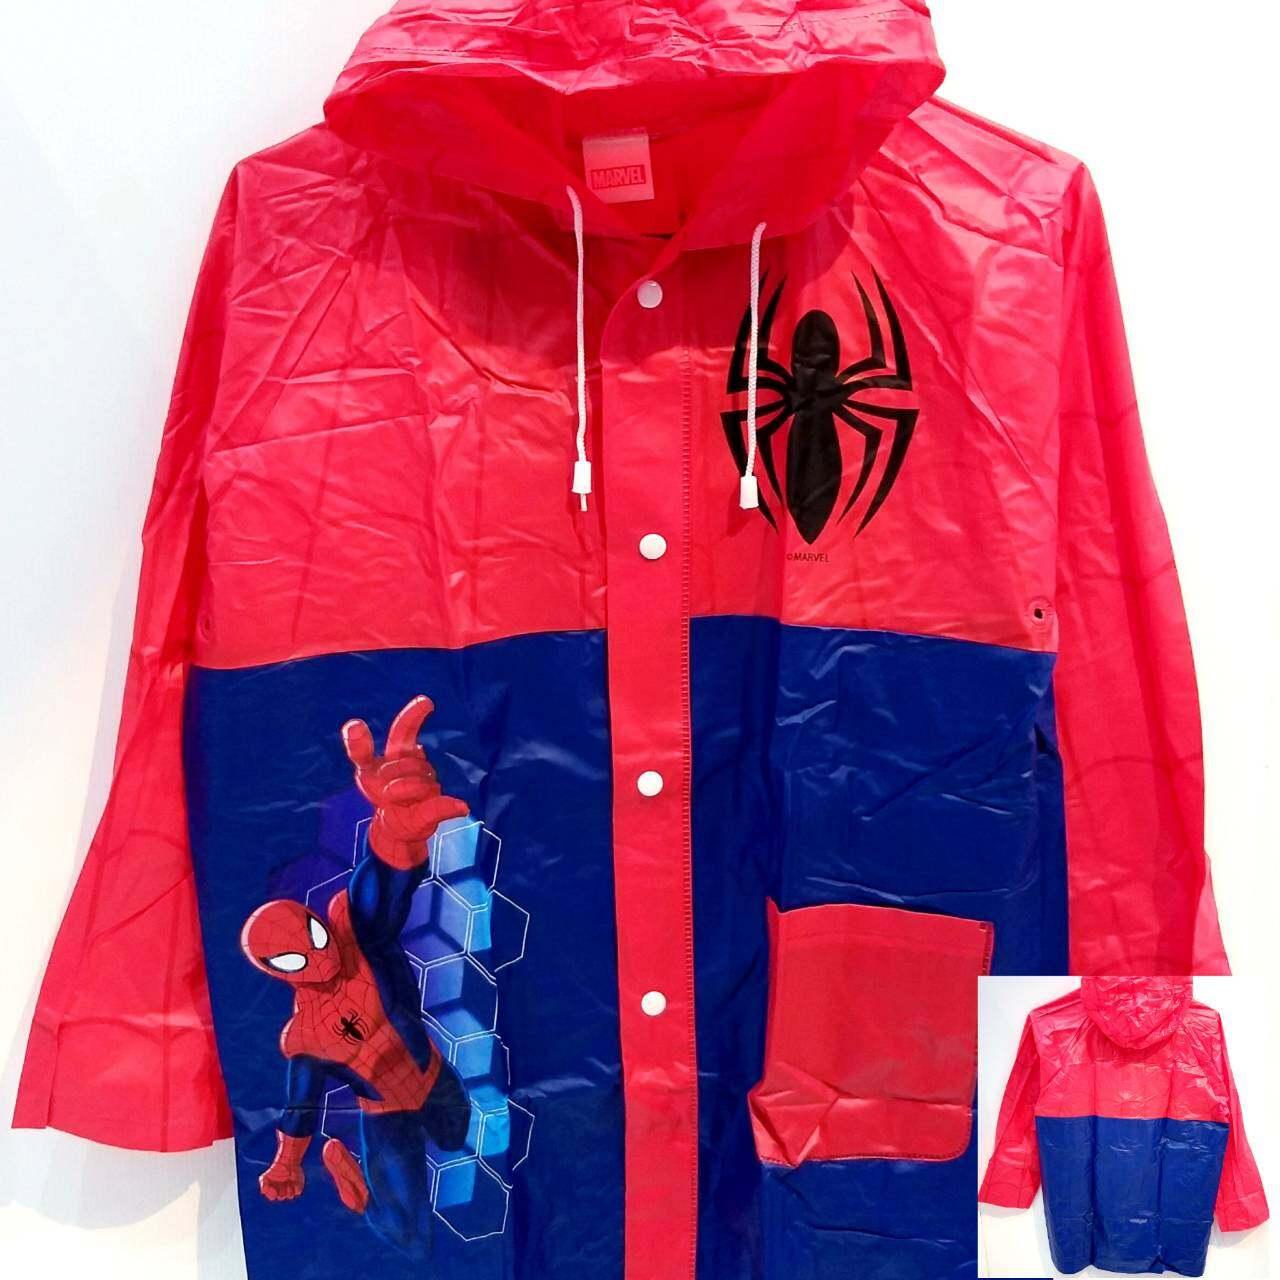 ชุดกันฝน เสื้อกันฝน ชุดกันฝนเด็กเด็กเด็กชายและเด็กหญิงชุดกันฝนสำหรับขี่มอร์เตอร์ไซด์ กันน้ำ พร้อมฮู้ดเป่าลม แขนยาว มีช่องใส่กระเป๋าเป้ด้านหลัง